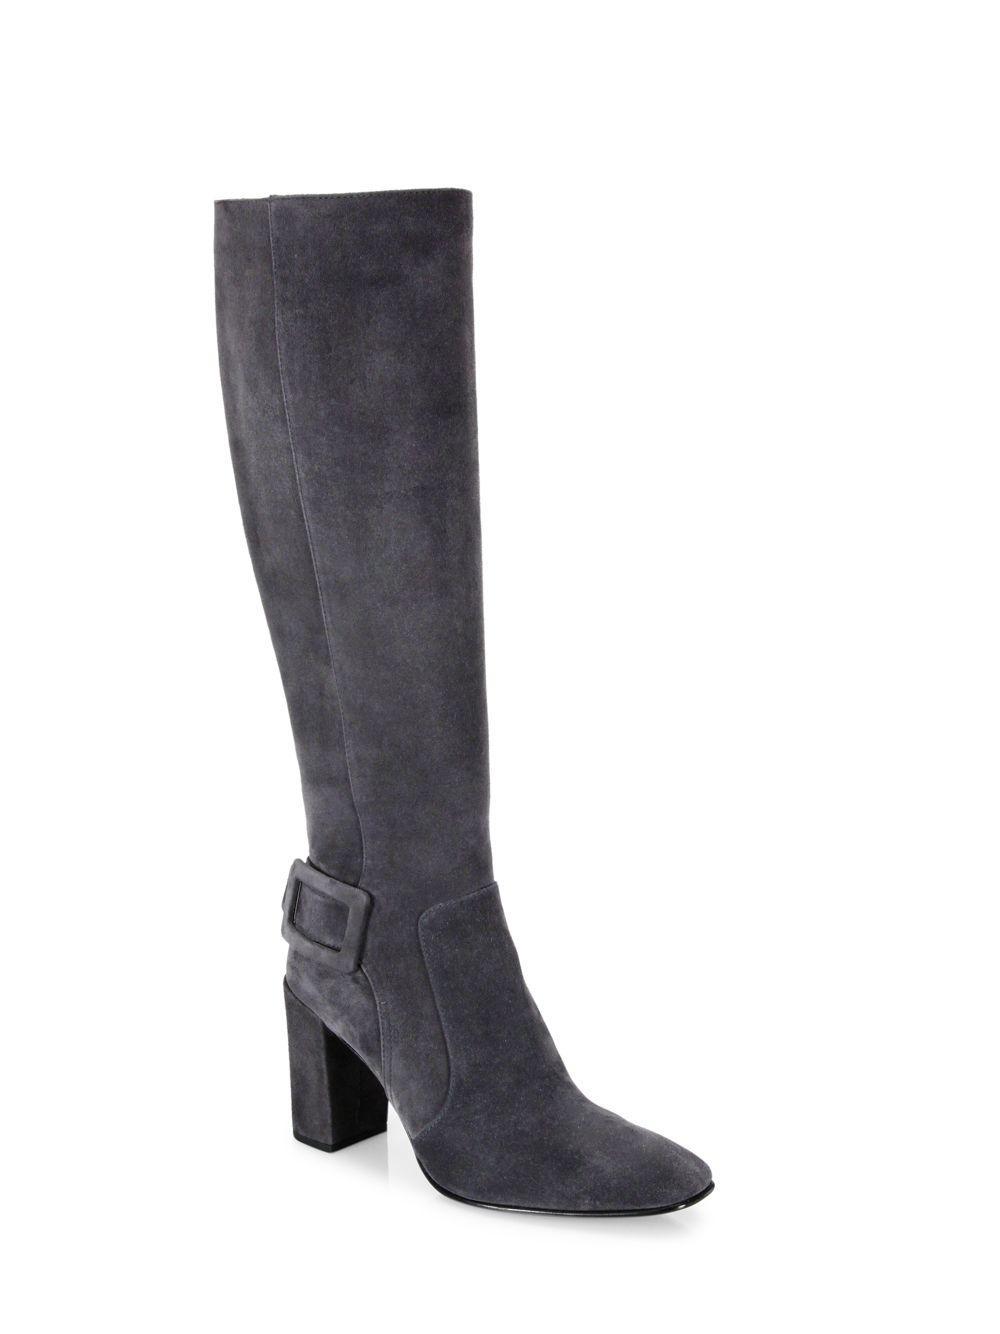 Tod's. Women's Gray Polly Suede Block-heel Knee Boots